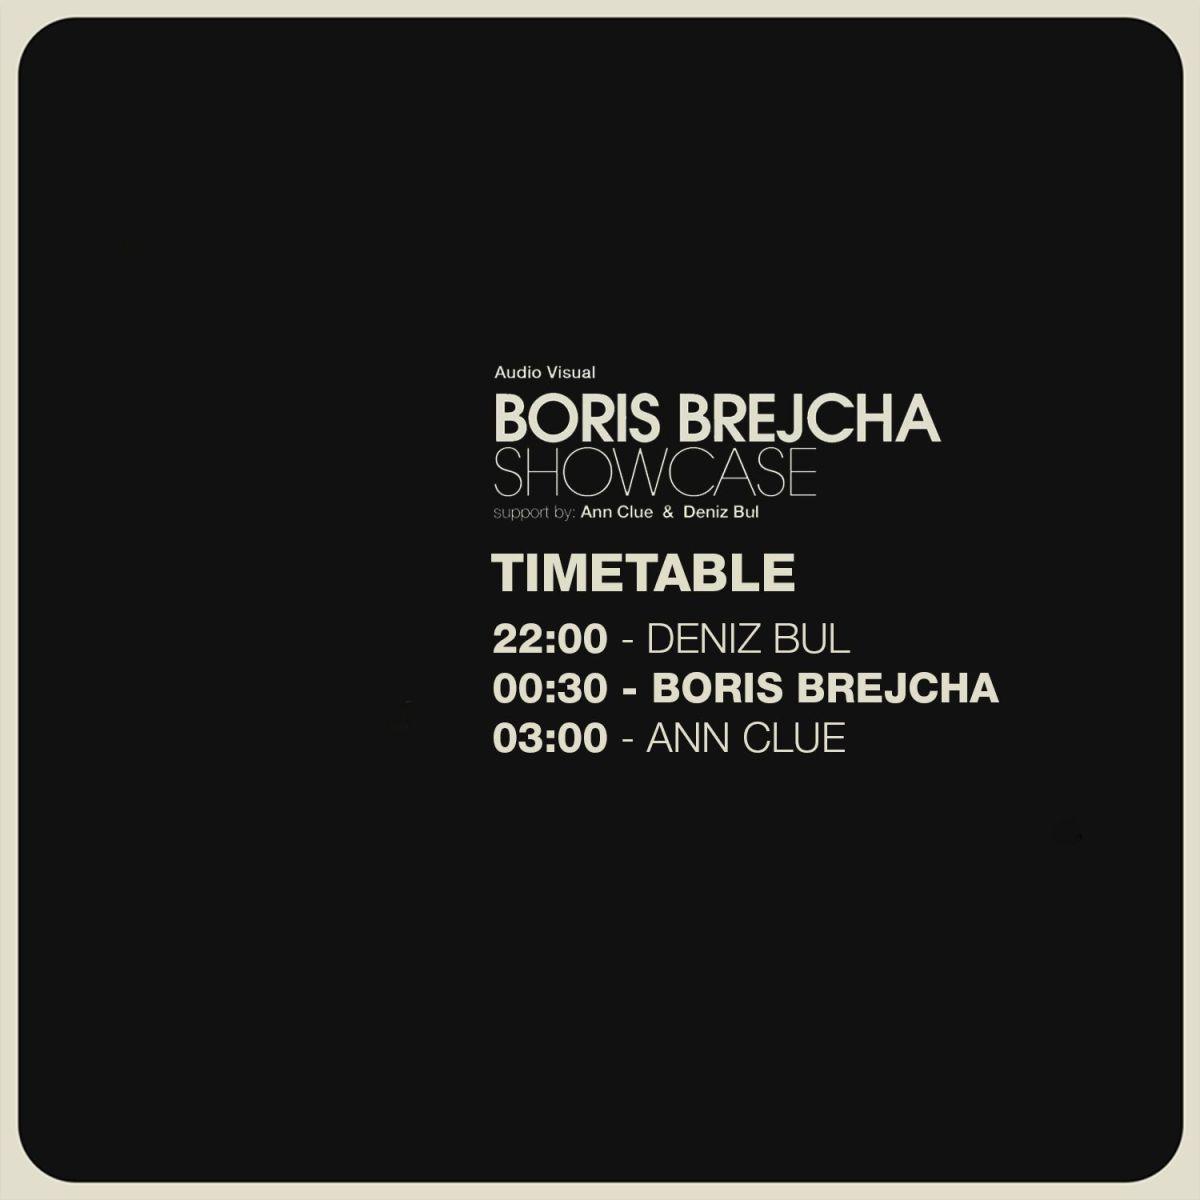 Večeras je Boris Brejcha Showcase!